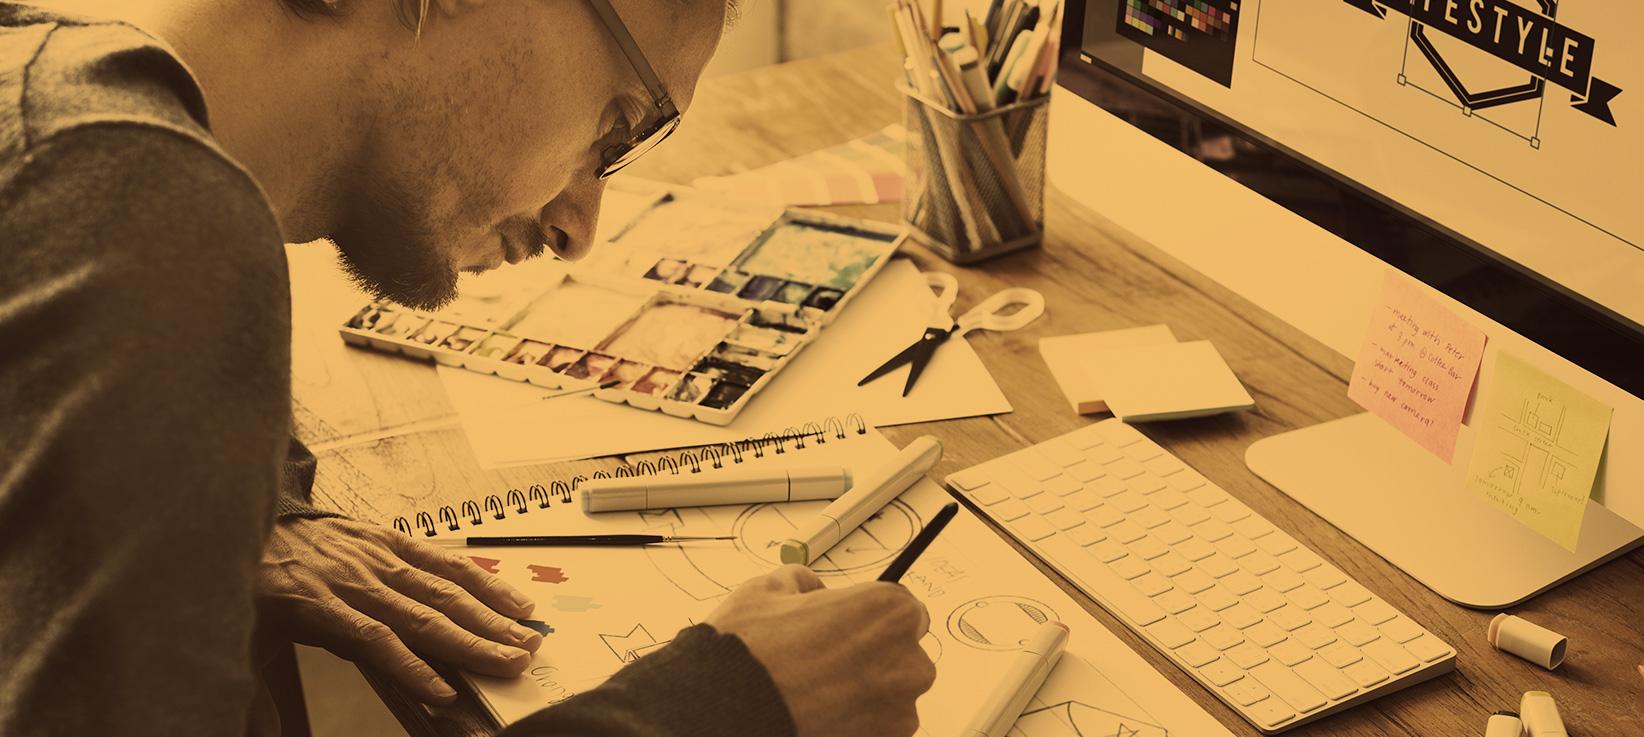 Illustration prestation Design et Prestations graphiques